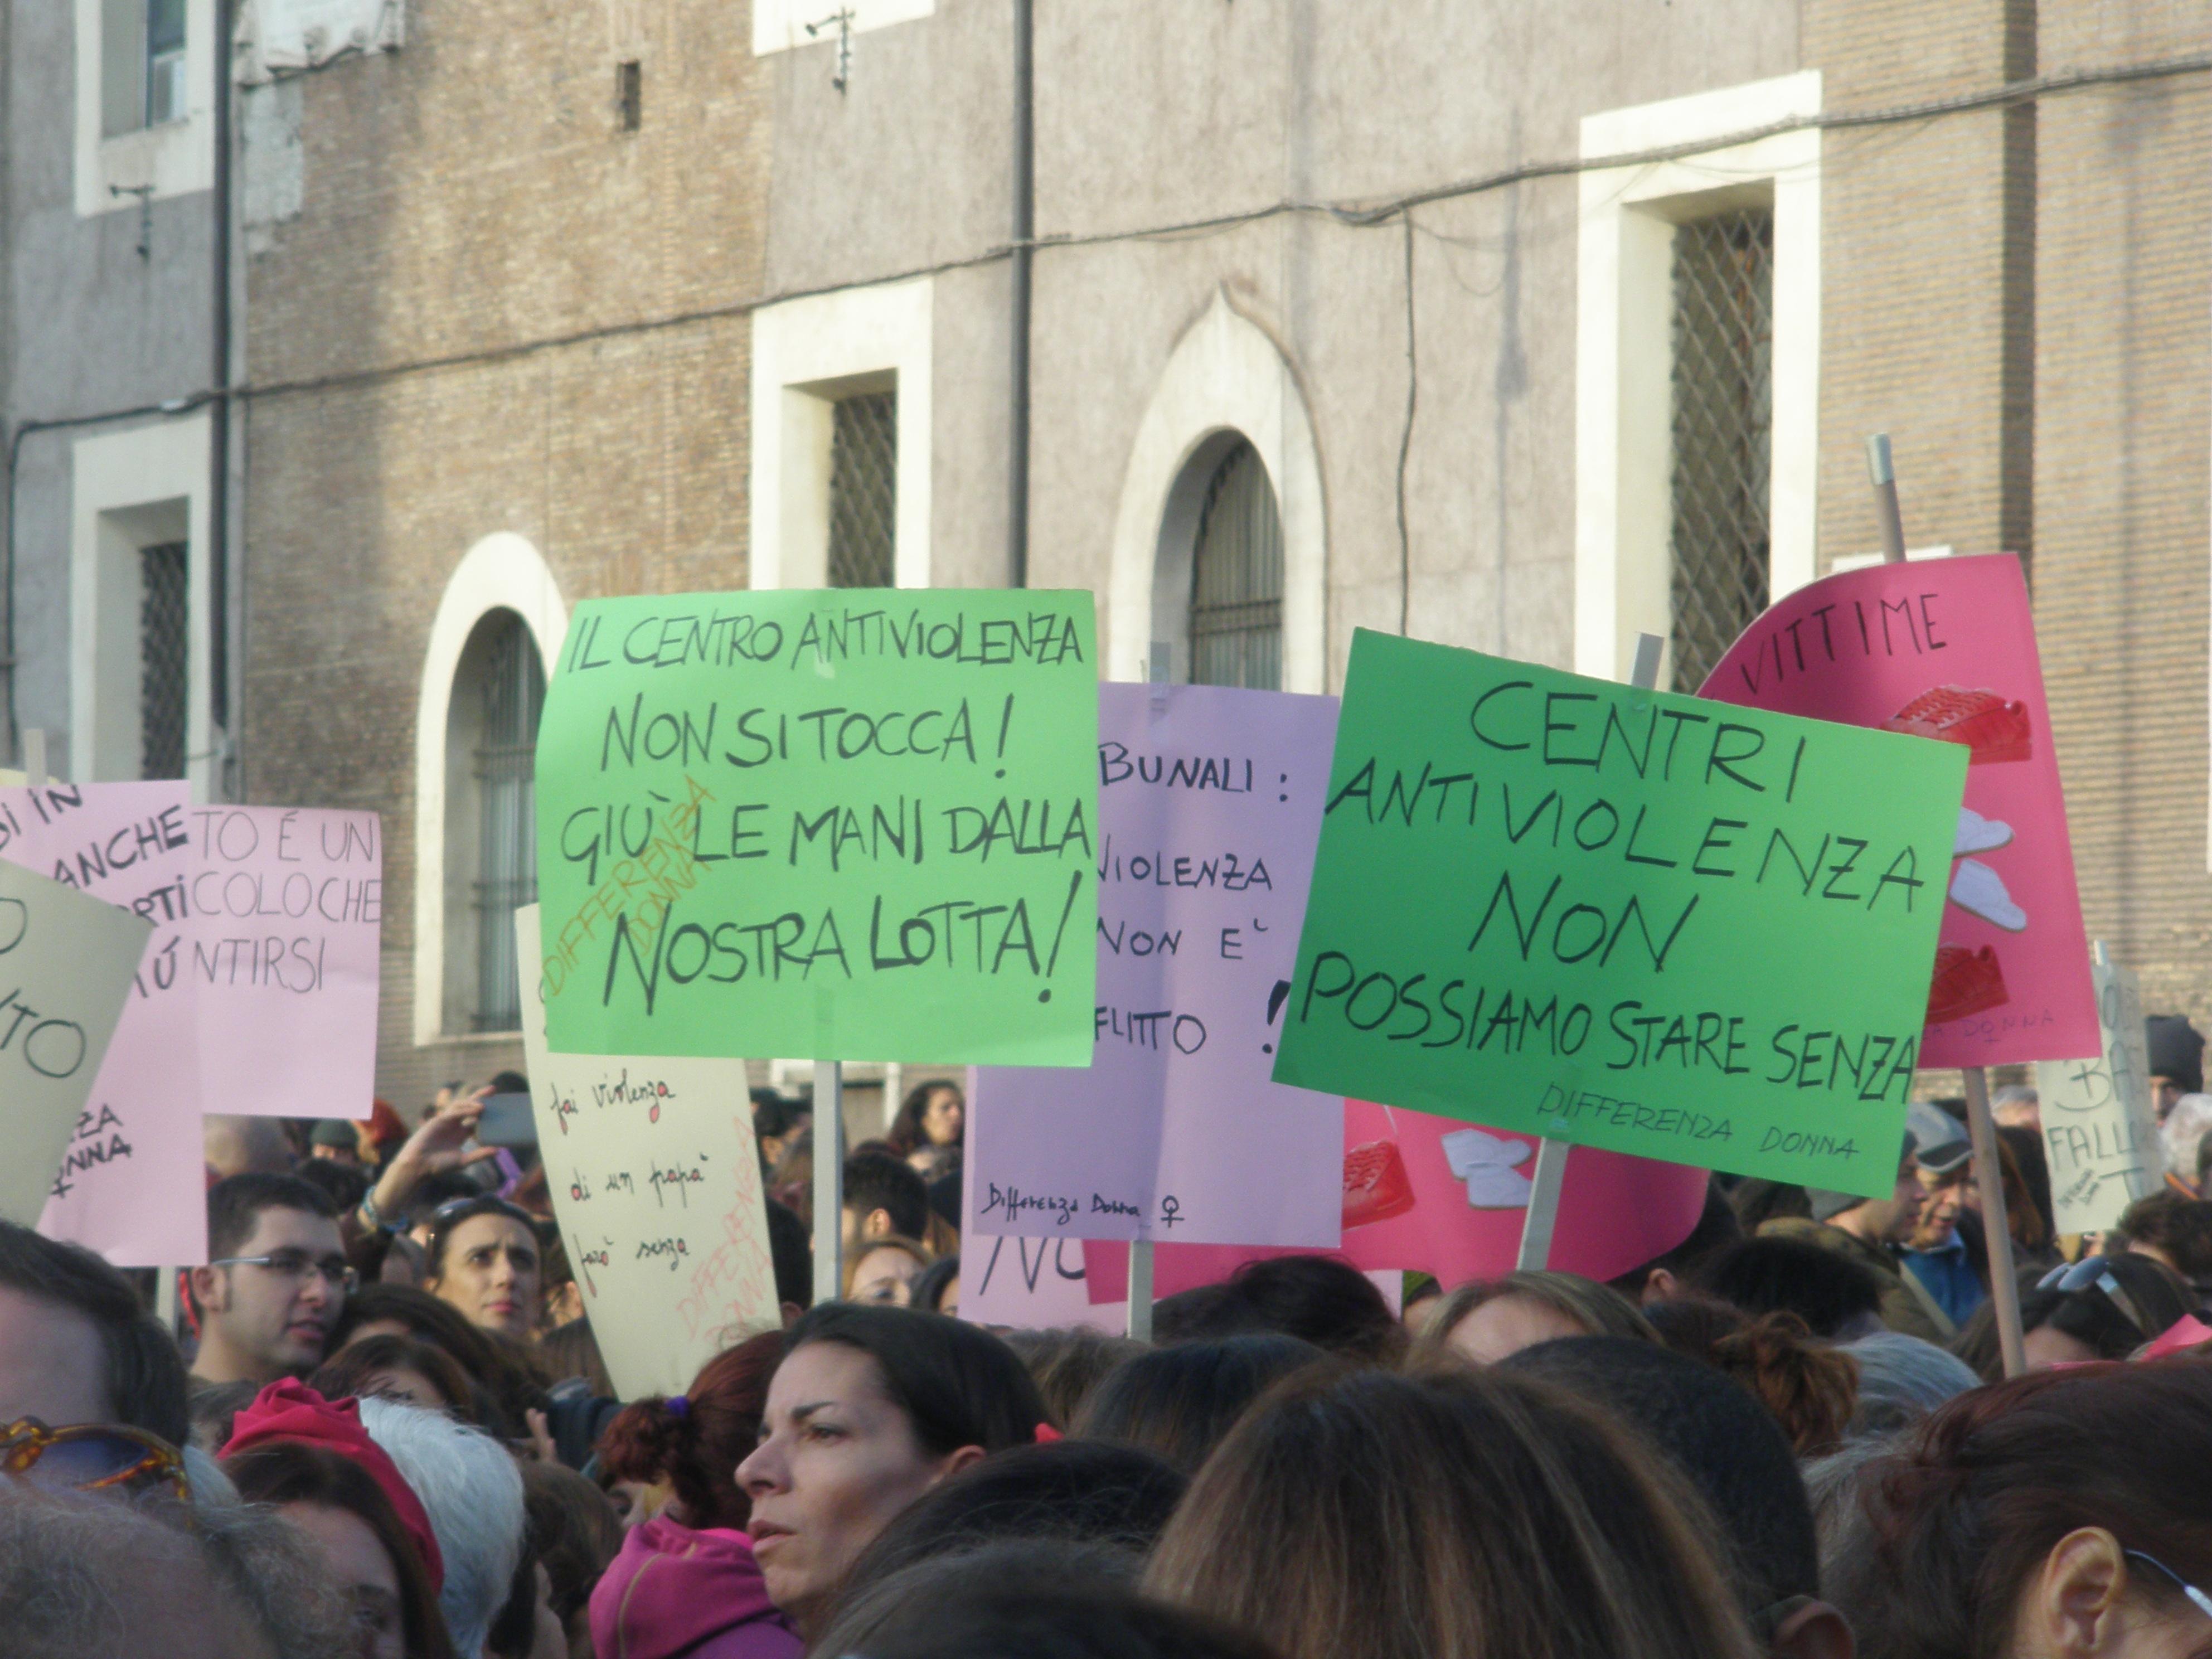 Violenza sulle donne c tutti i giorni non solo se vende - Diva e donne giornale ...